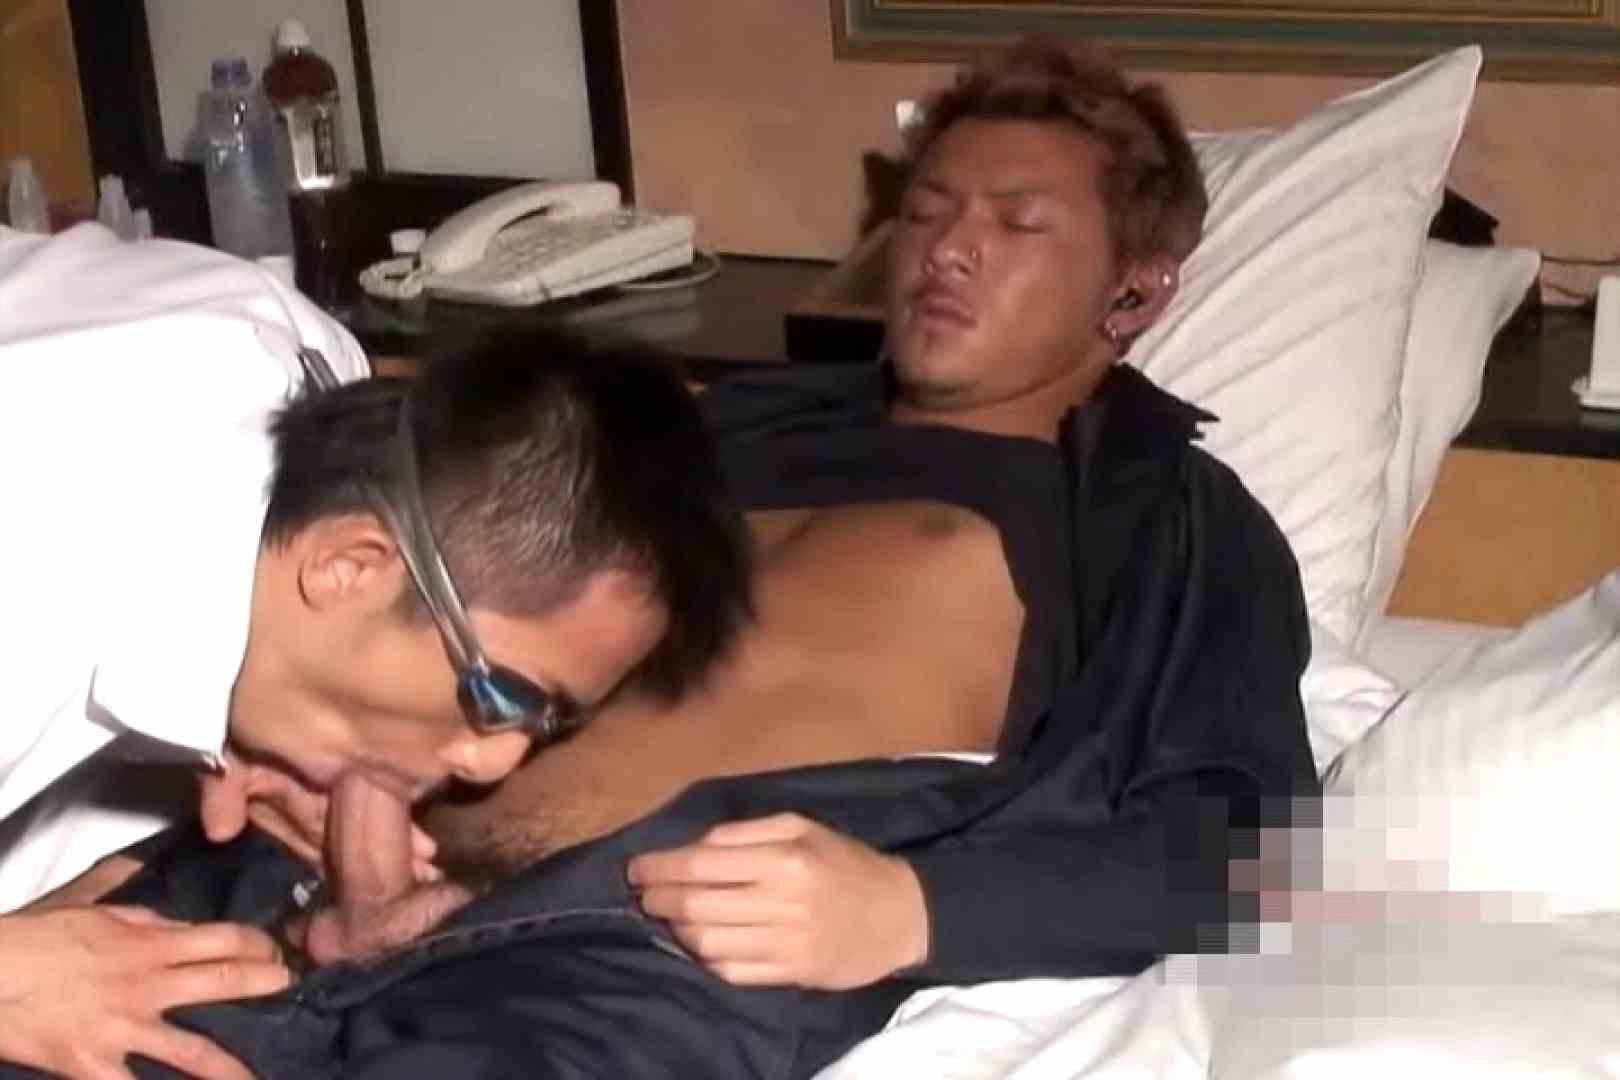 マッチョ系もっこりスポーツマンPlayoff!Vol16 フェラ天国 男同士動画 74pic 48